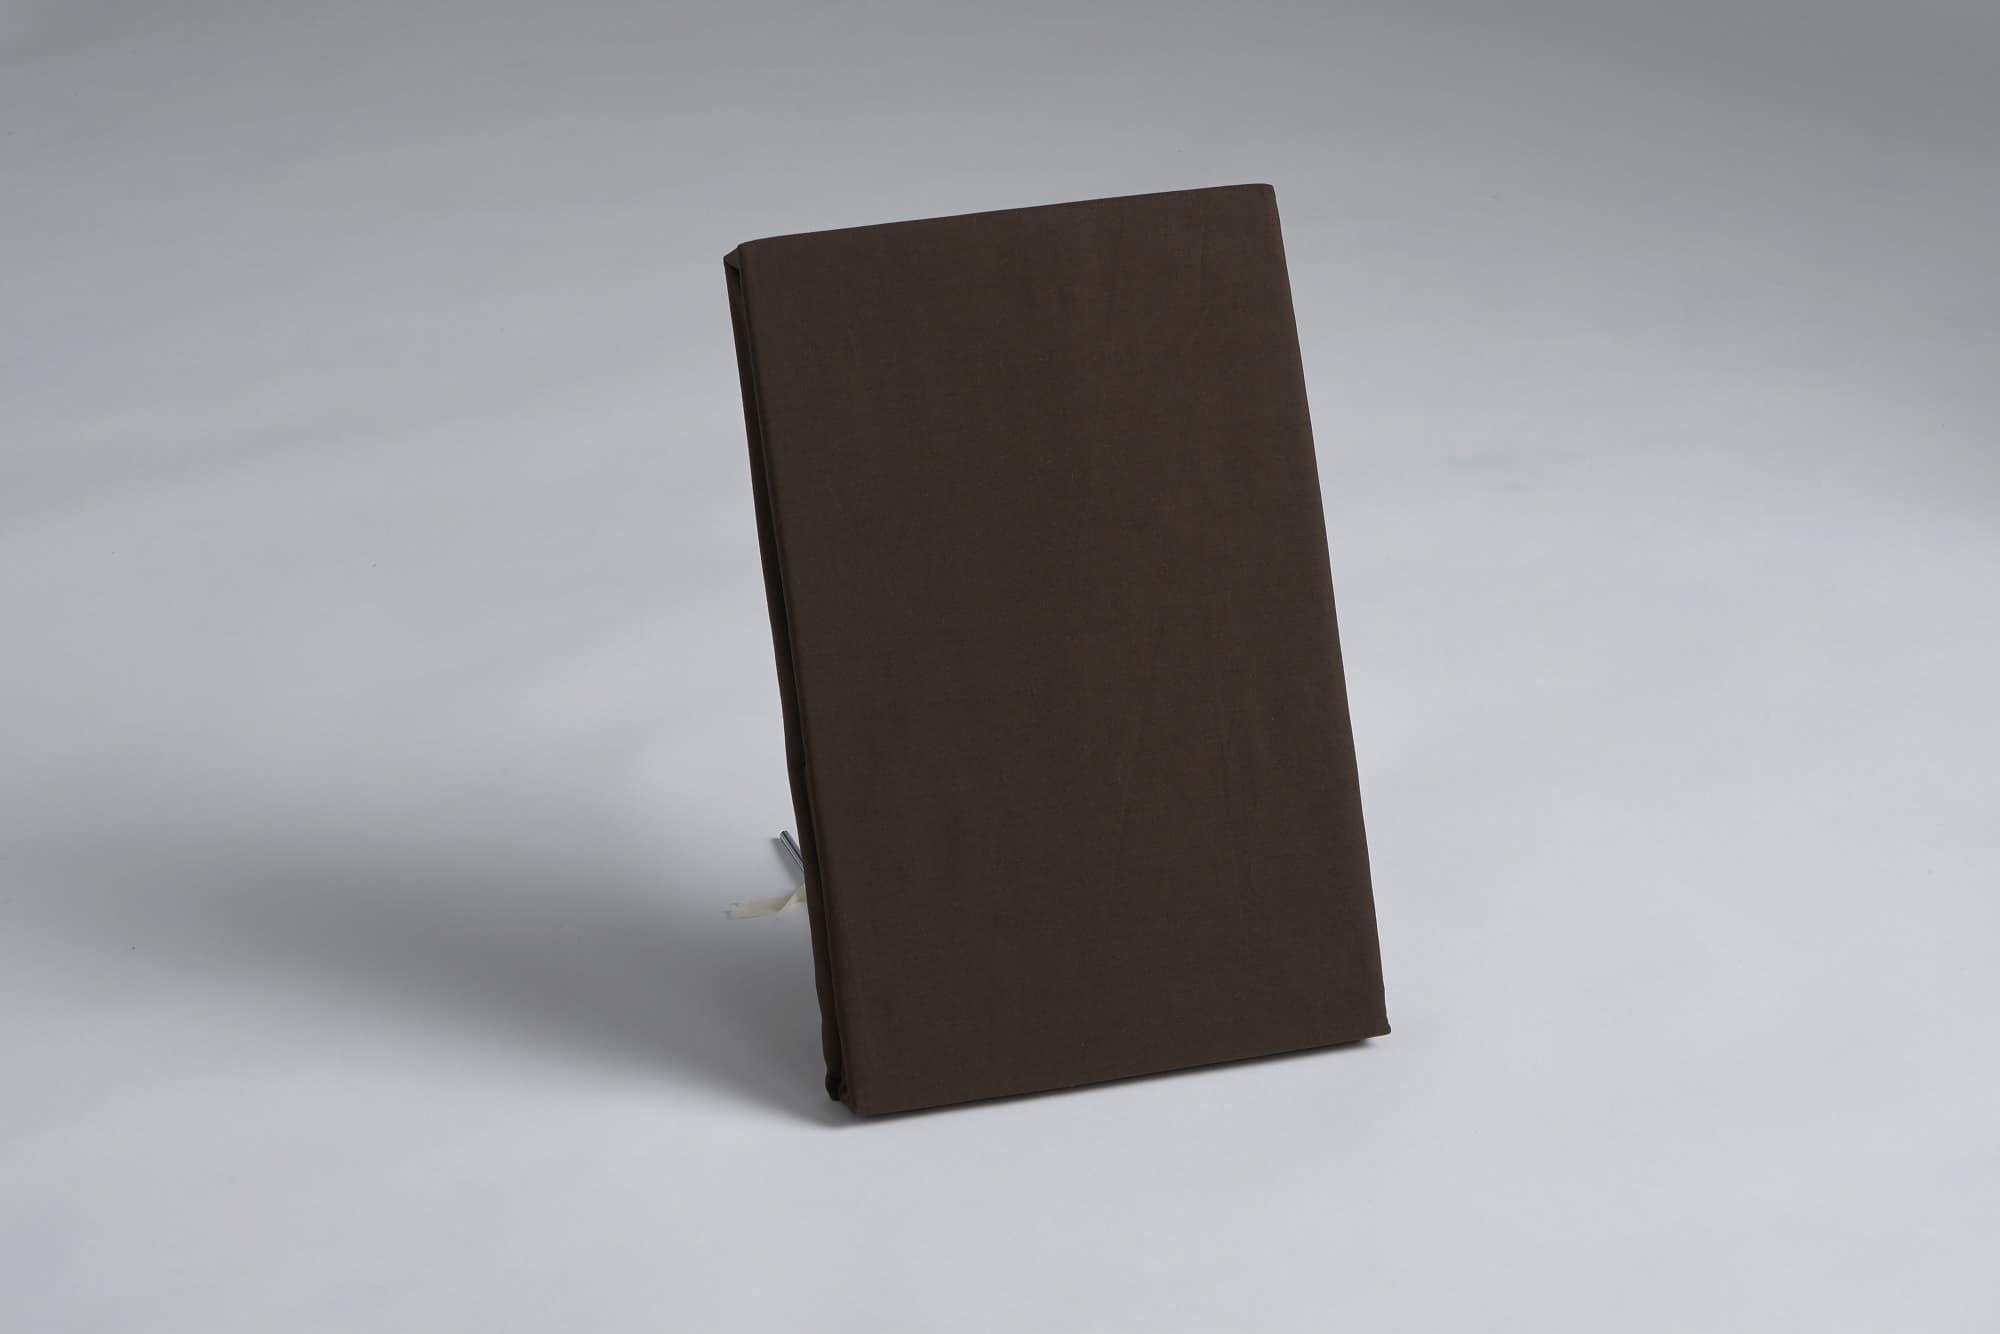 ボックスシーツ クイーン2用 30H ブラウン:《綿100%を使用したボックスシーツ》